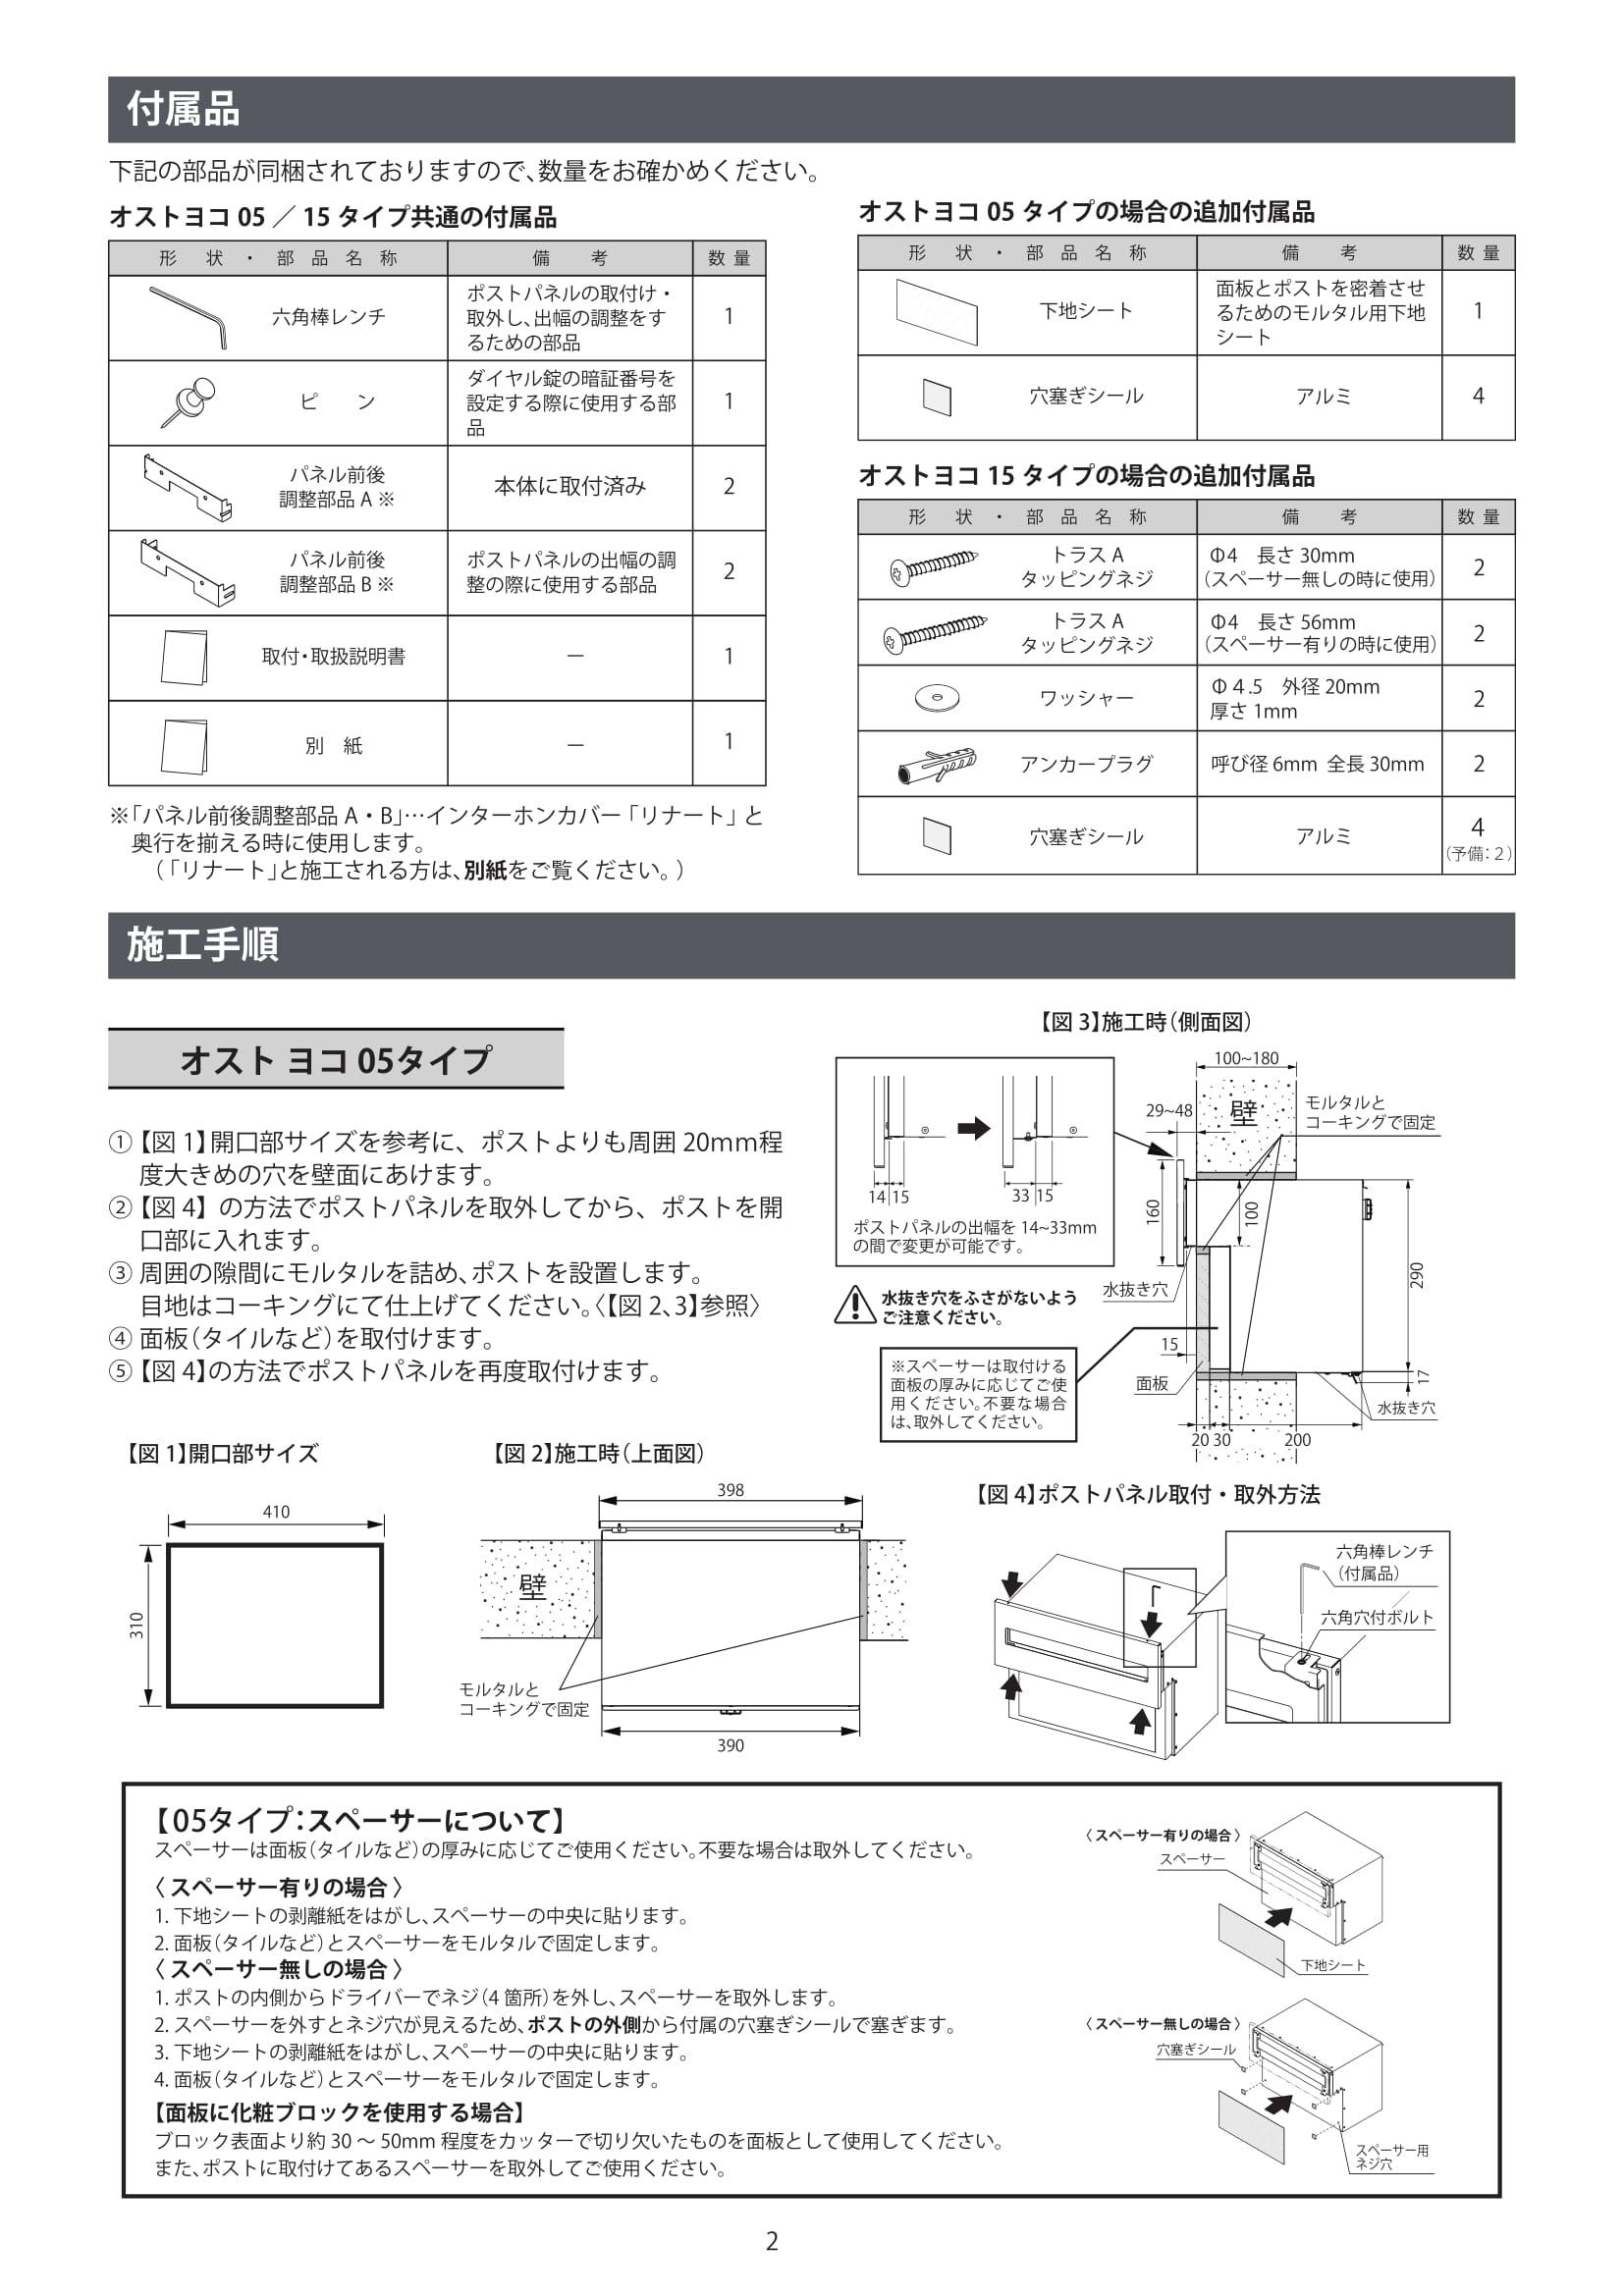 オストヨコ_取扱説明書-2